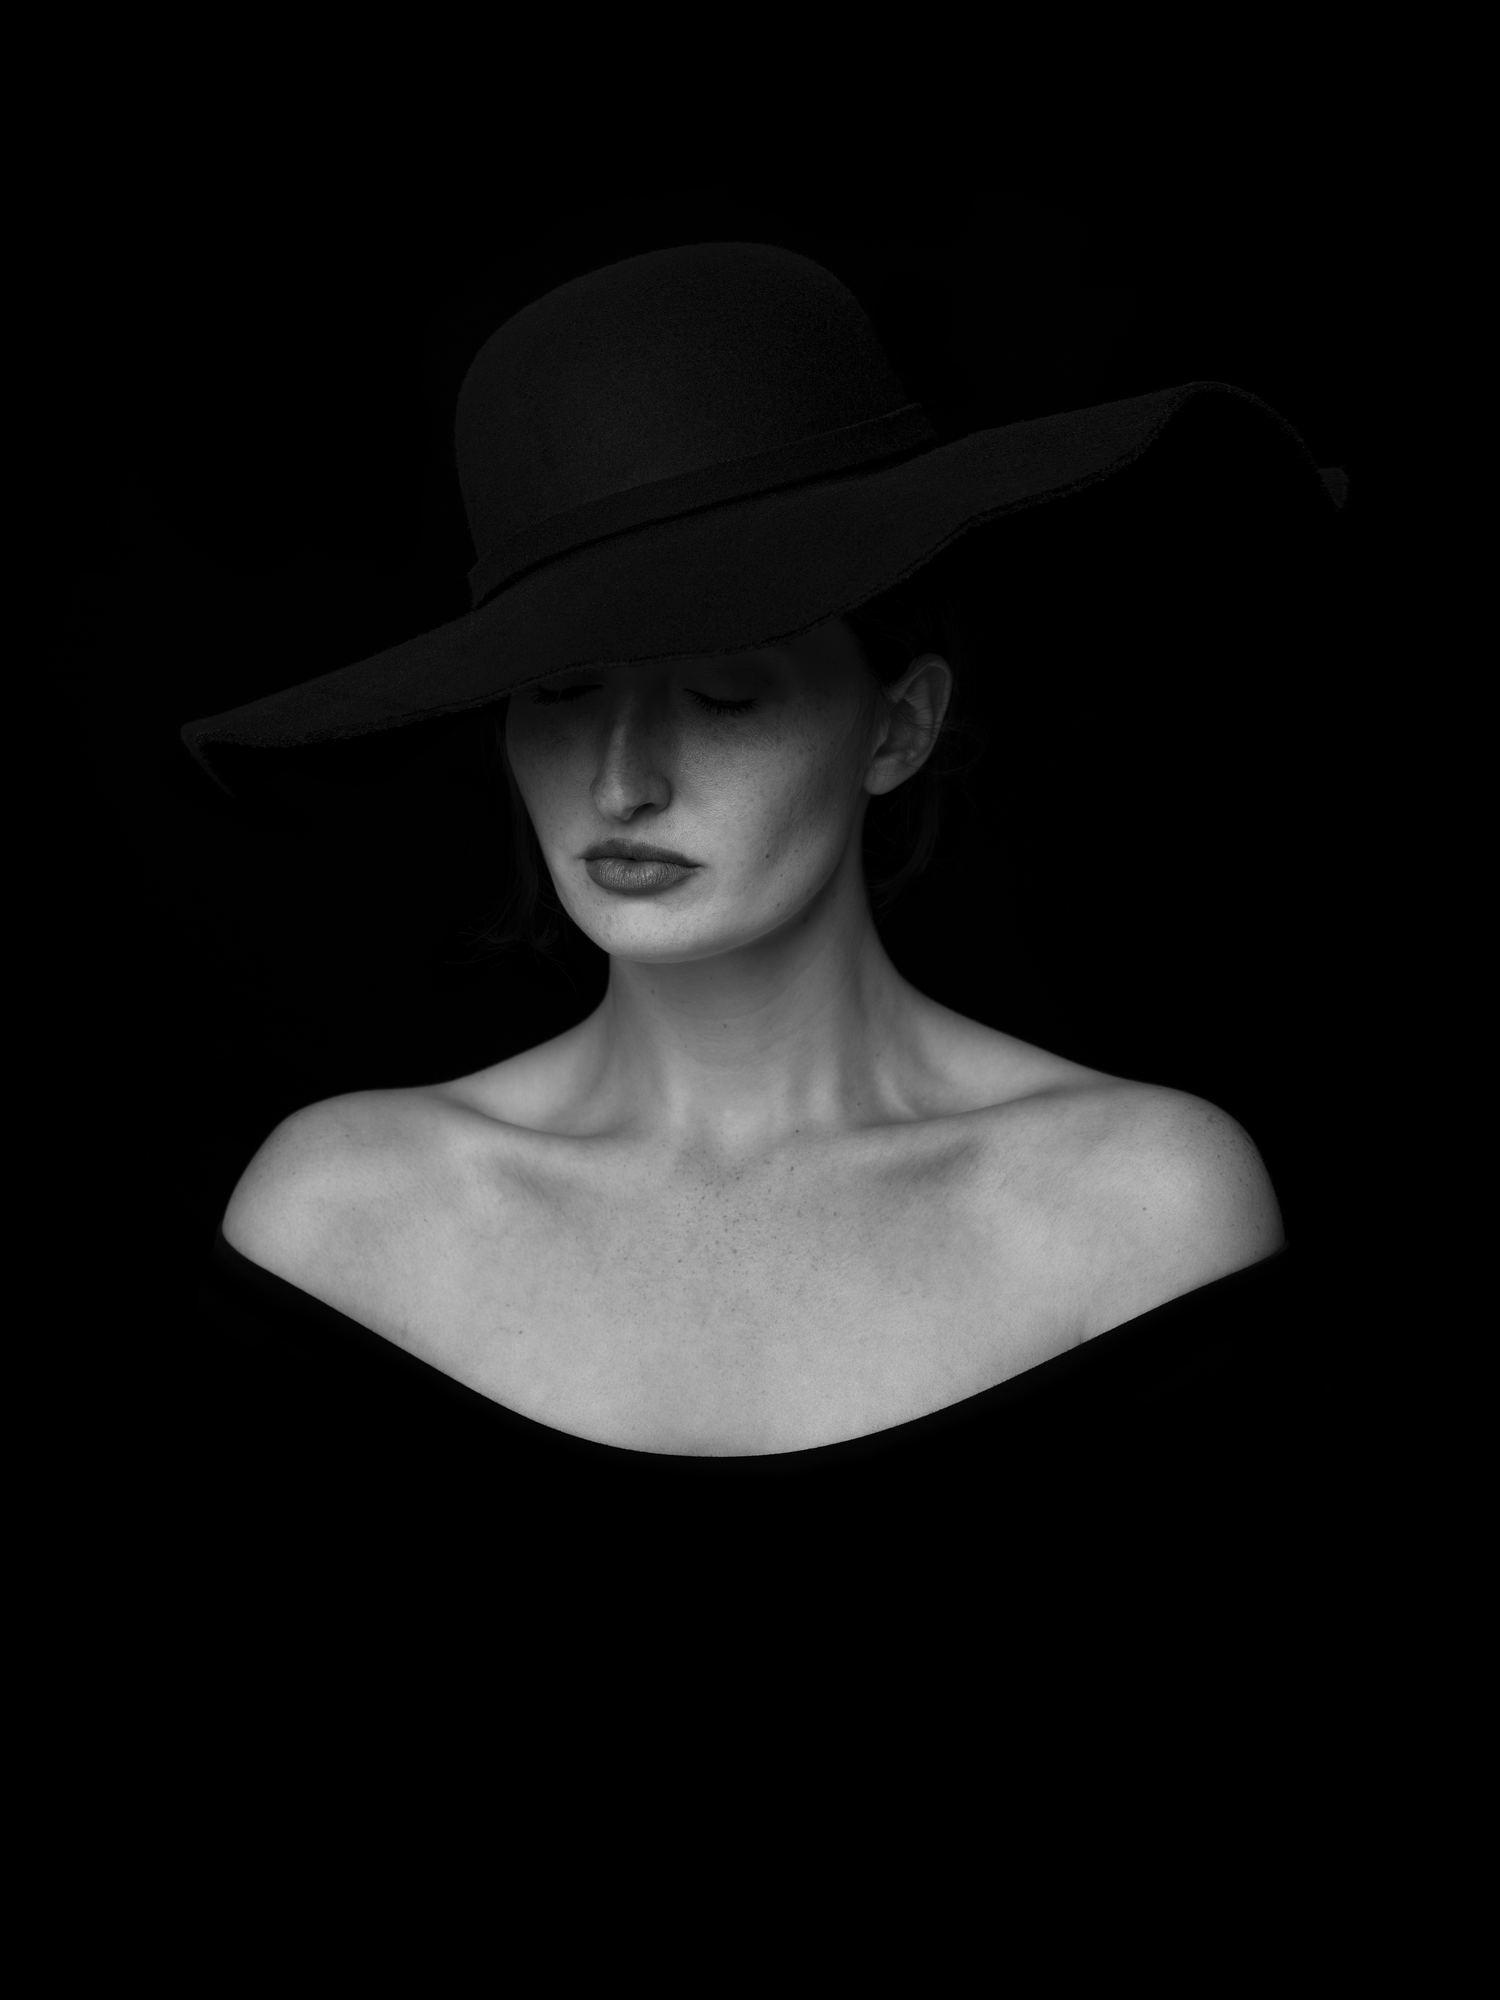 fotografía retrato mujer clave baja